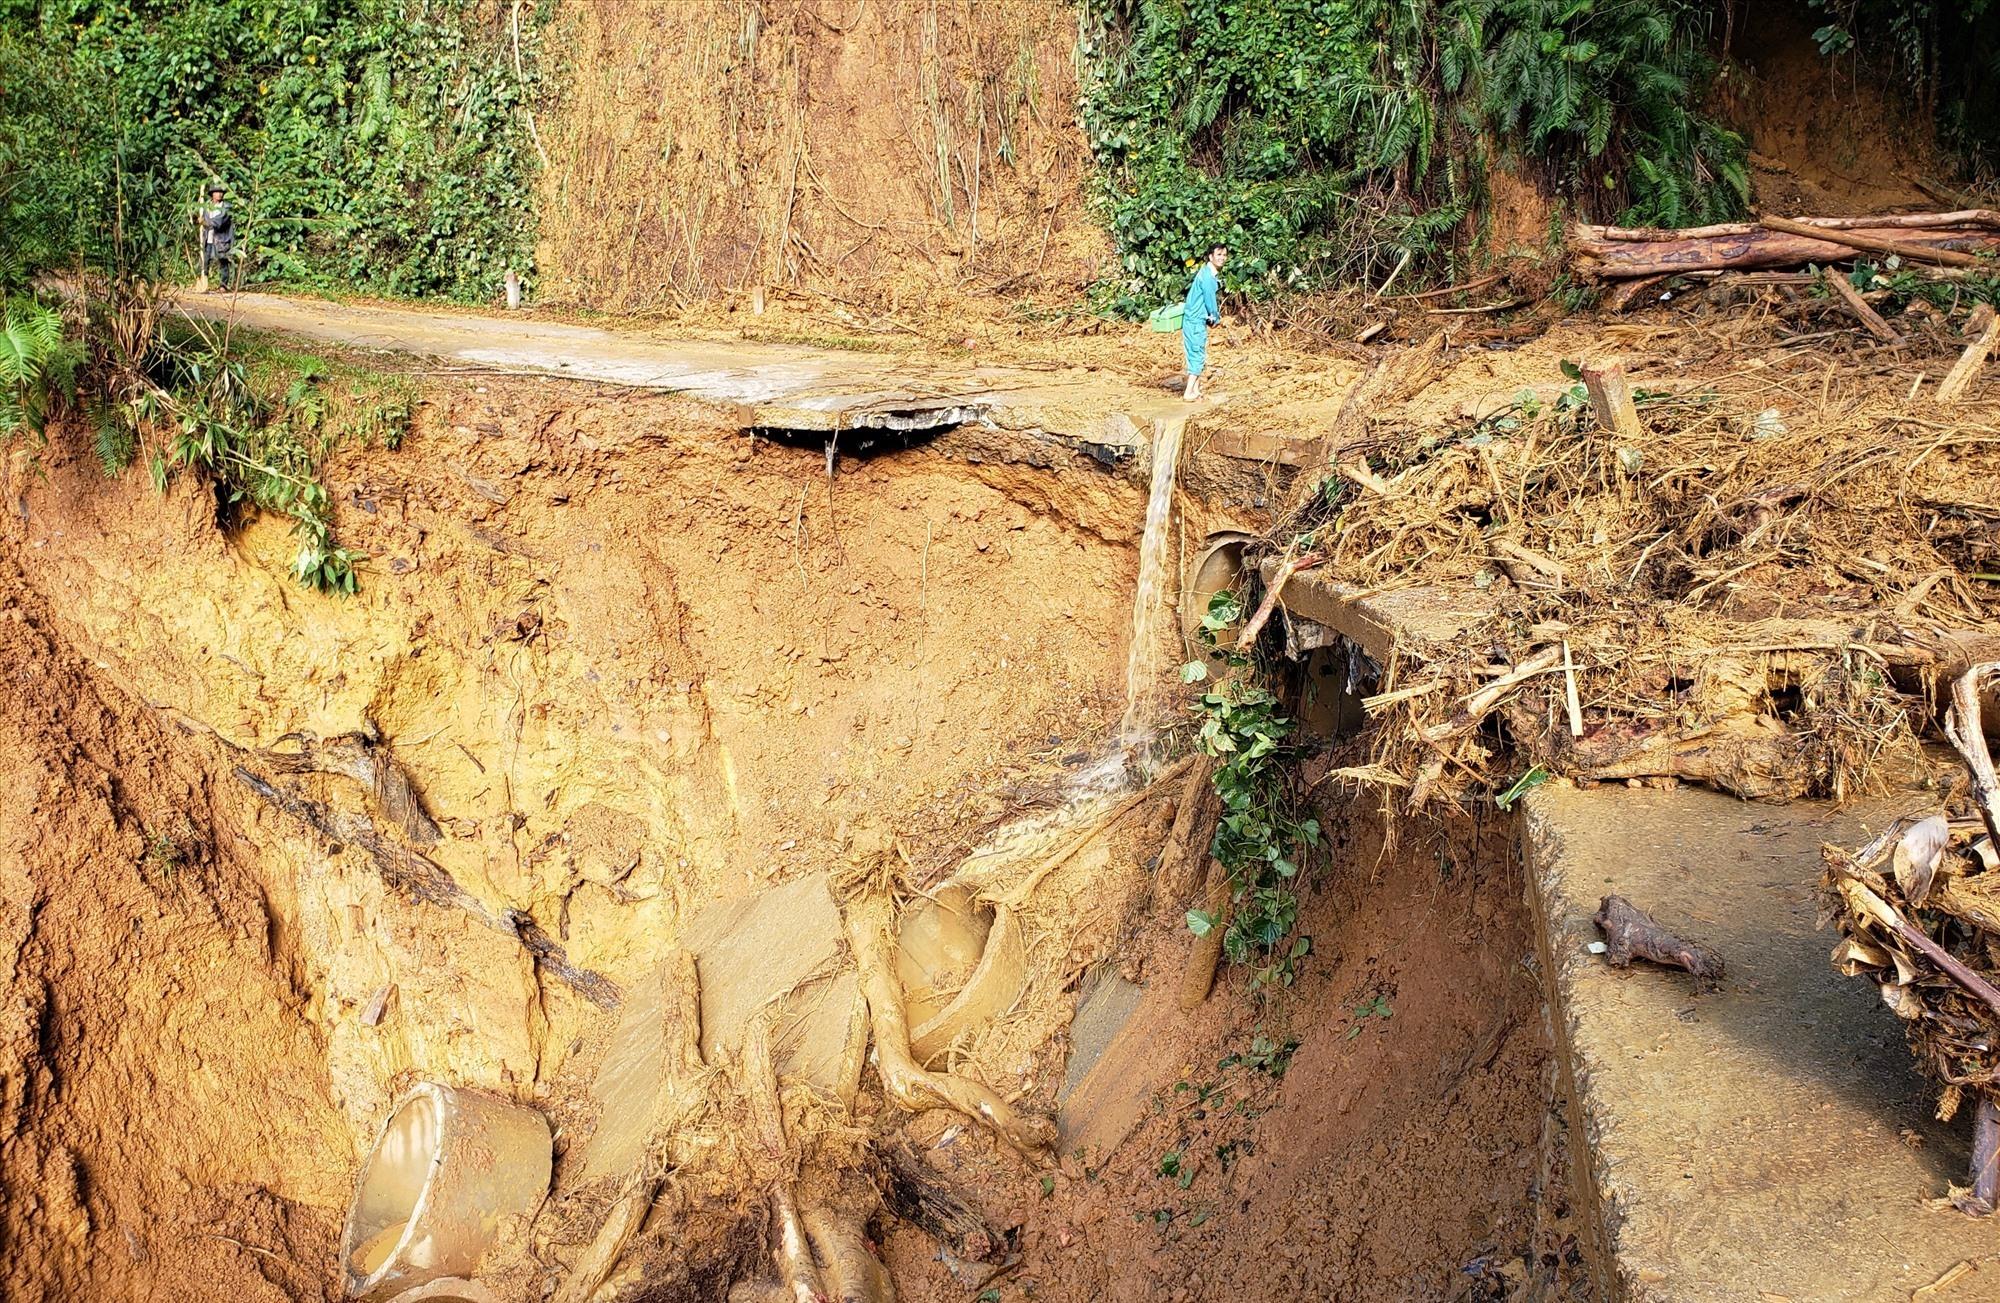 Nhiều khu vực bị sạt lở, nước cuốn trôi nhiều cống thoát nước. Ảnh: THANH THẮNG